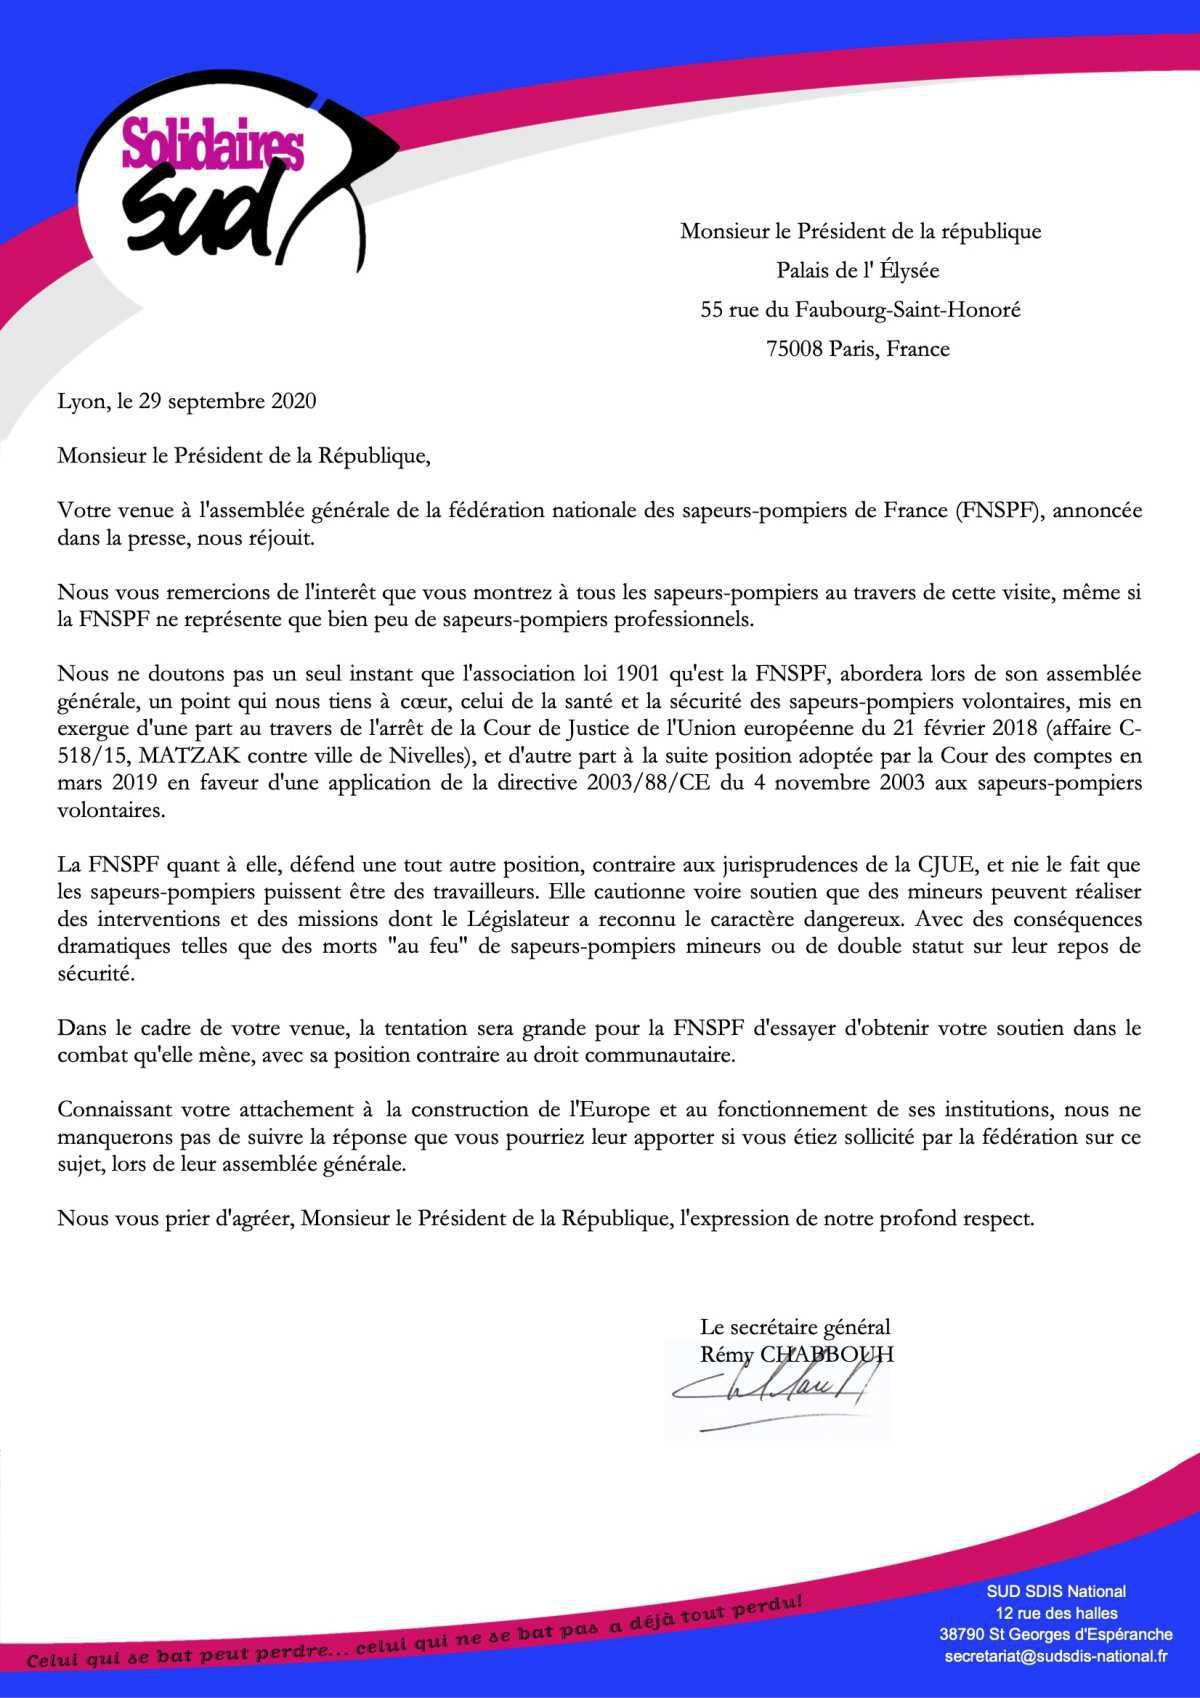 L'assemblée générale de la fédération nationale des sapeurs-pompiers de France (FNSPF)